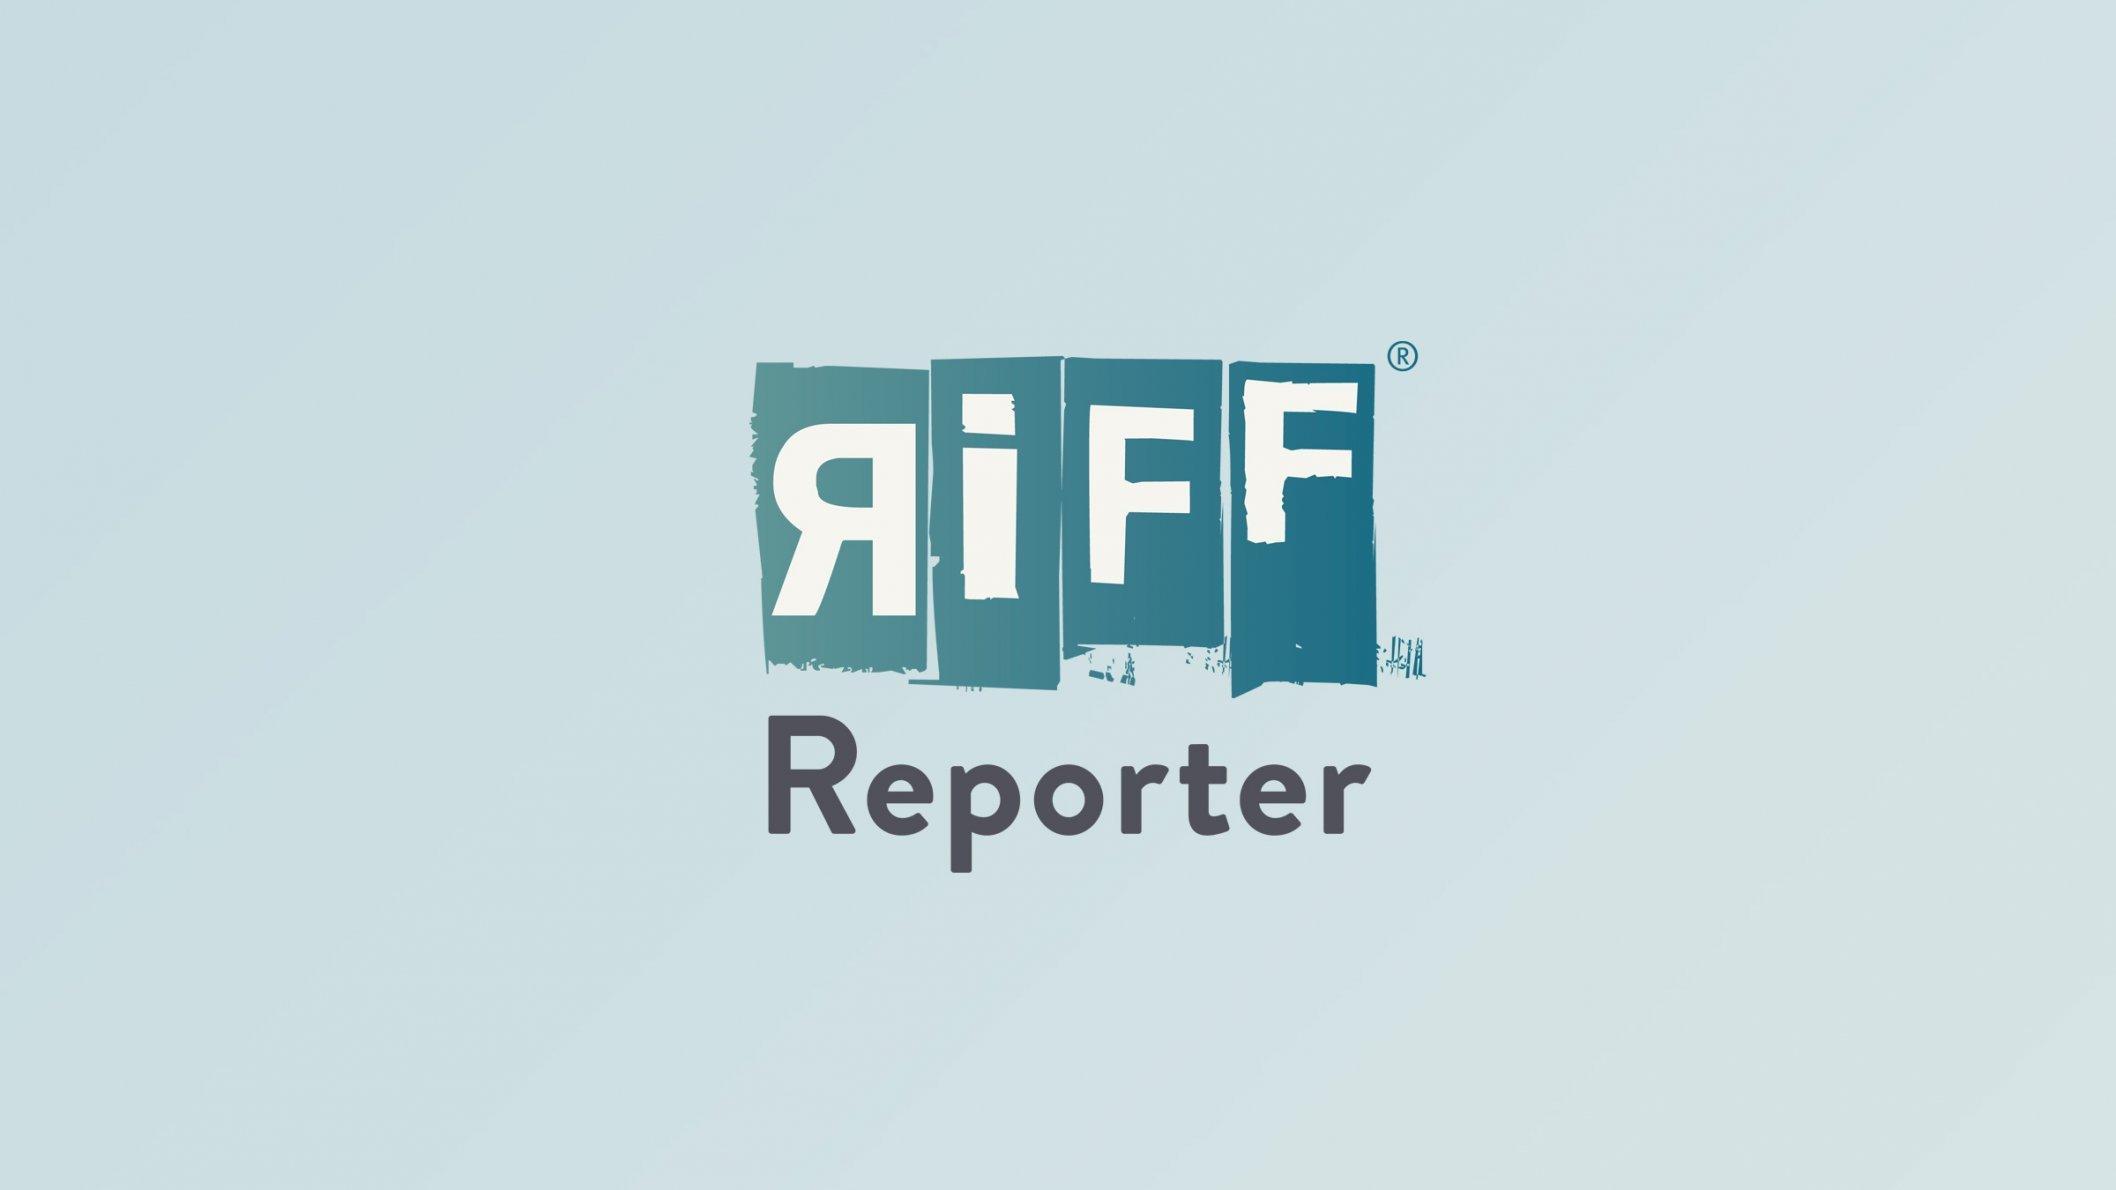 Aufnahme eines Elektronenmikroskops des neuen Corona-Virus.